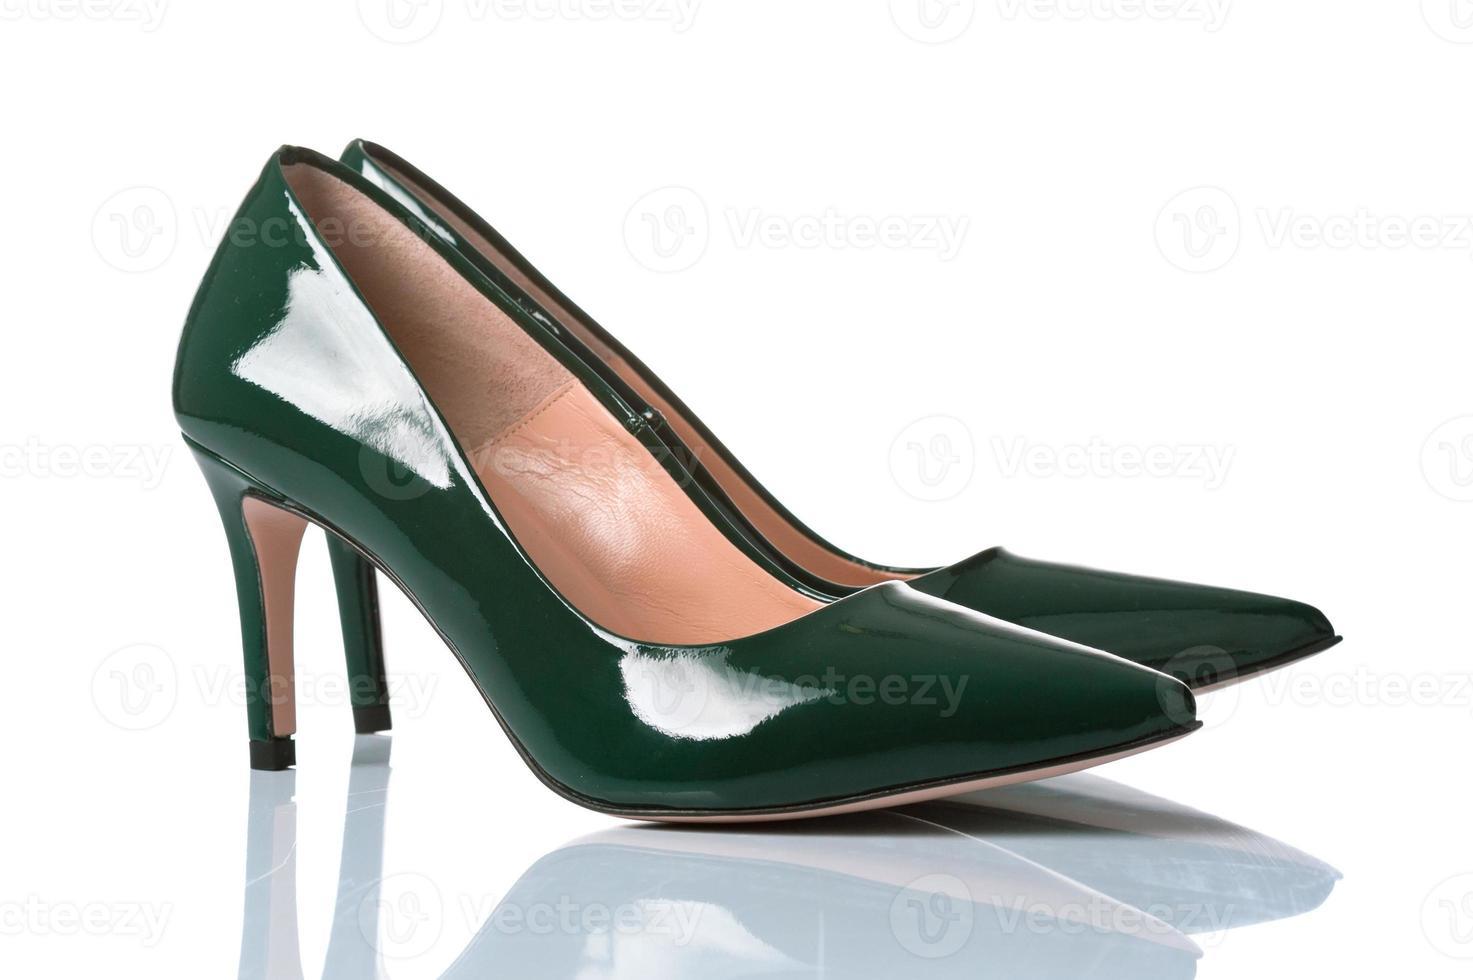 par de zapatos femeninos de tacón alto foto